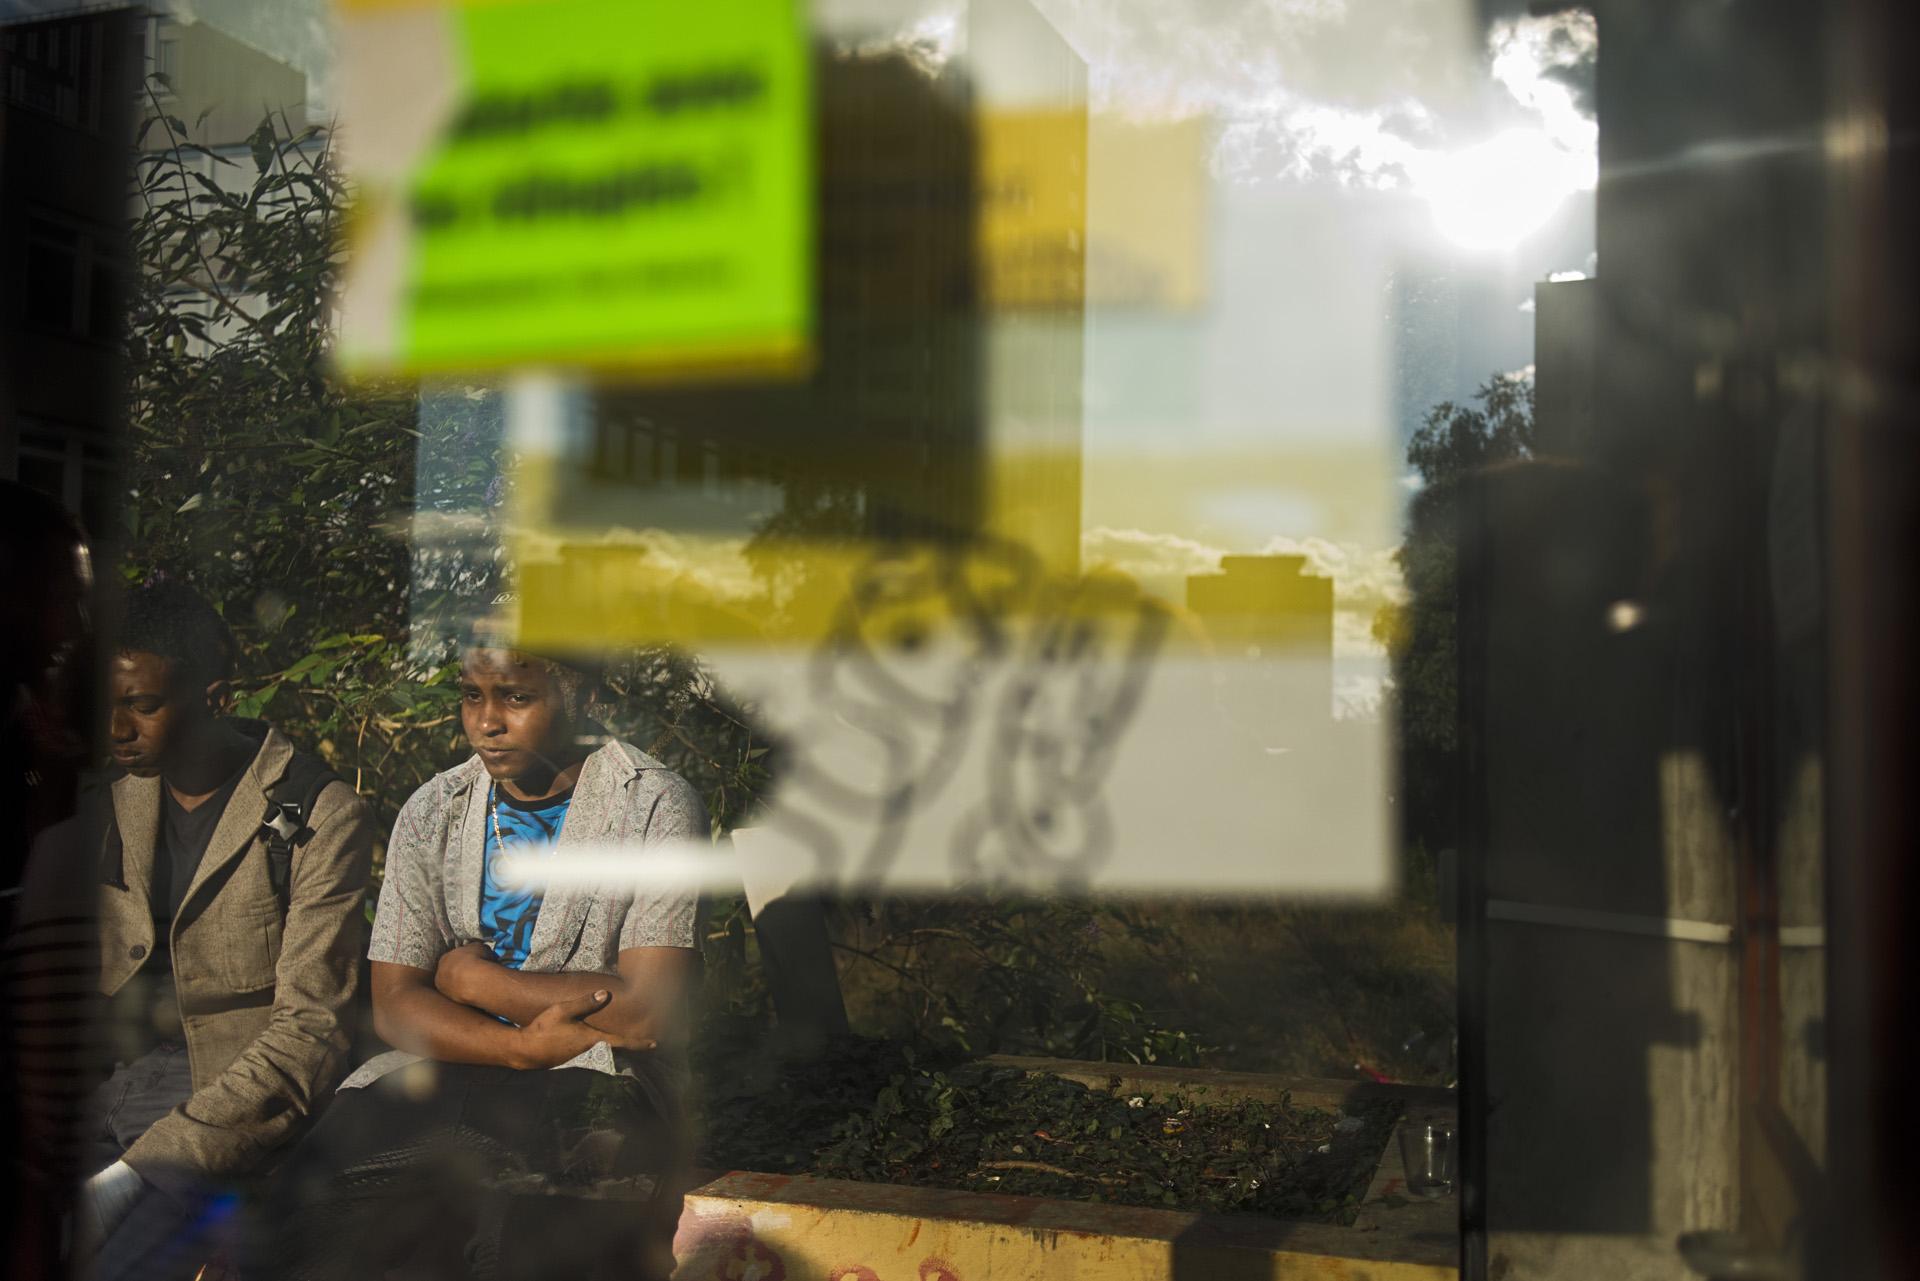 Sur le parvis de la «Maison des Réfugiés». Cela fait quinze jours que la Mairie de Paris a annoncé qu'elle allait faire du lieu un centre d'hébergement. Mais depuis cette annonce, rien ne s'est concrètement passé. Paris 19ème,  le 27 août 2015.